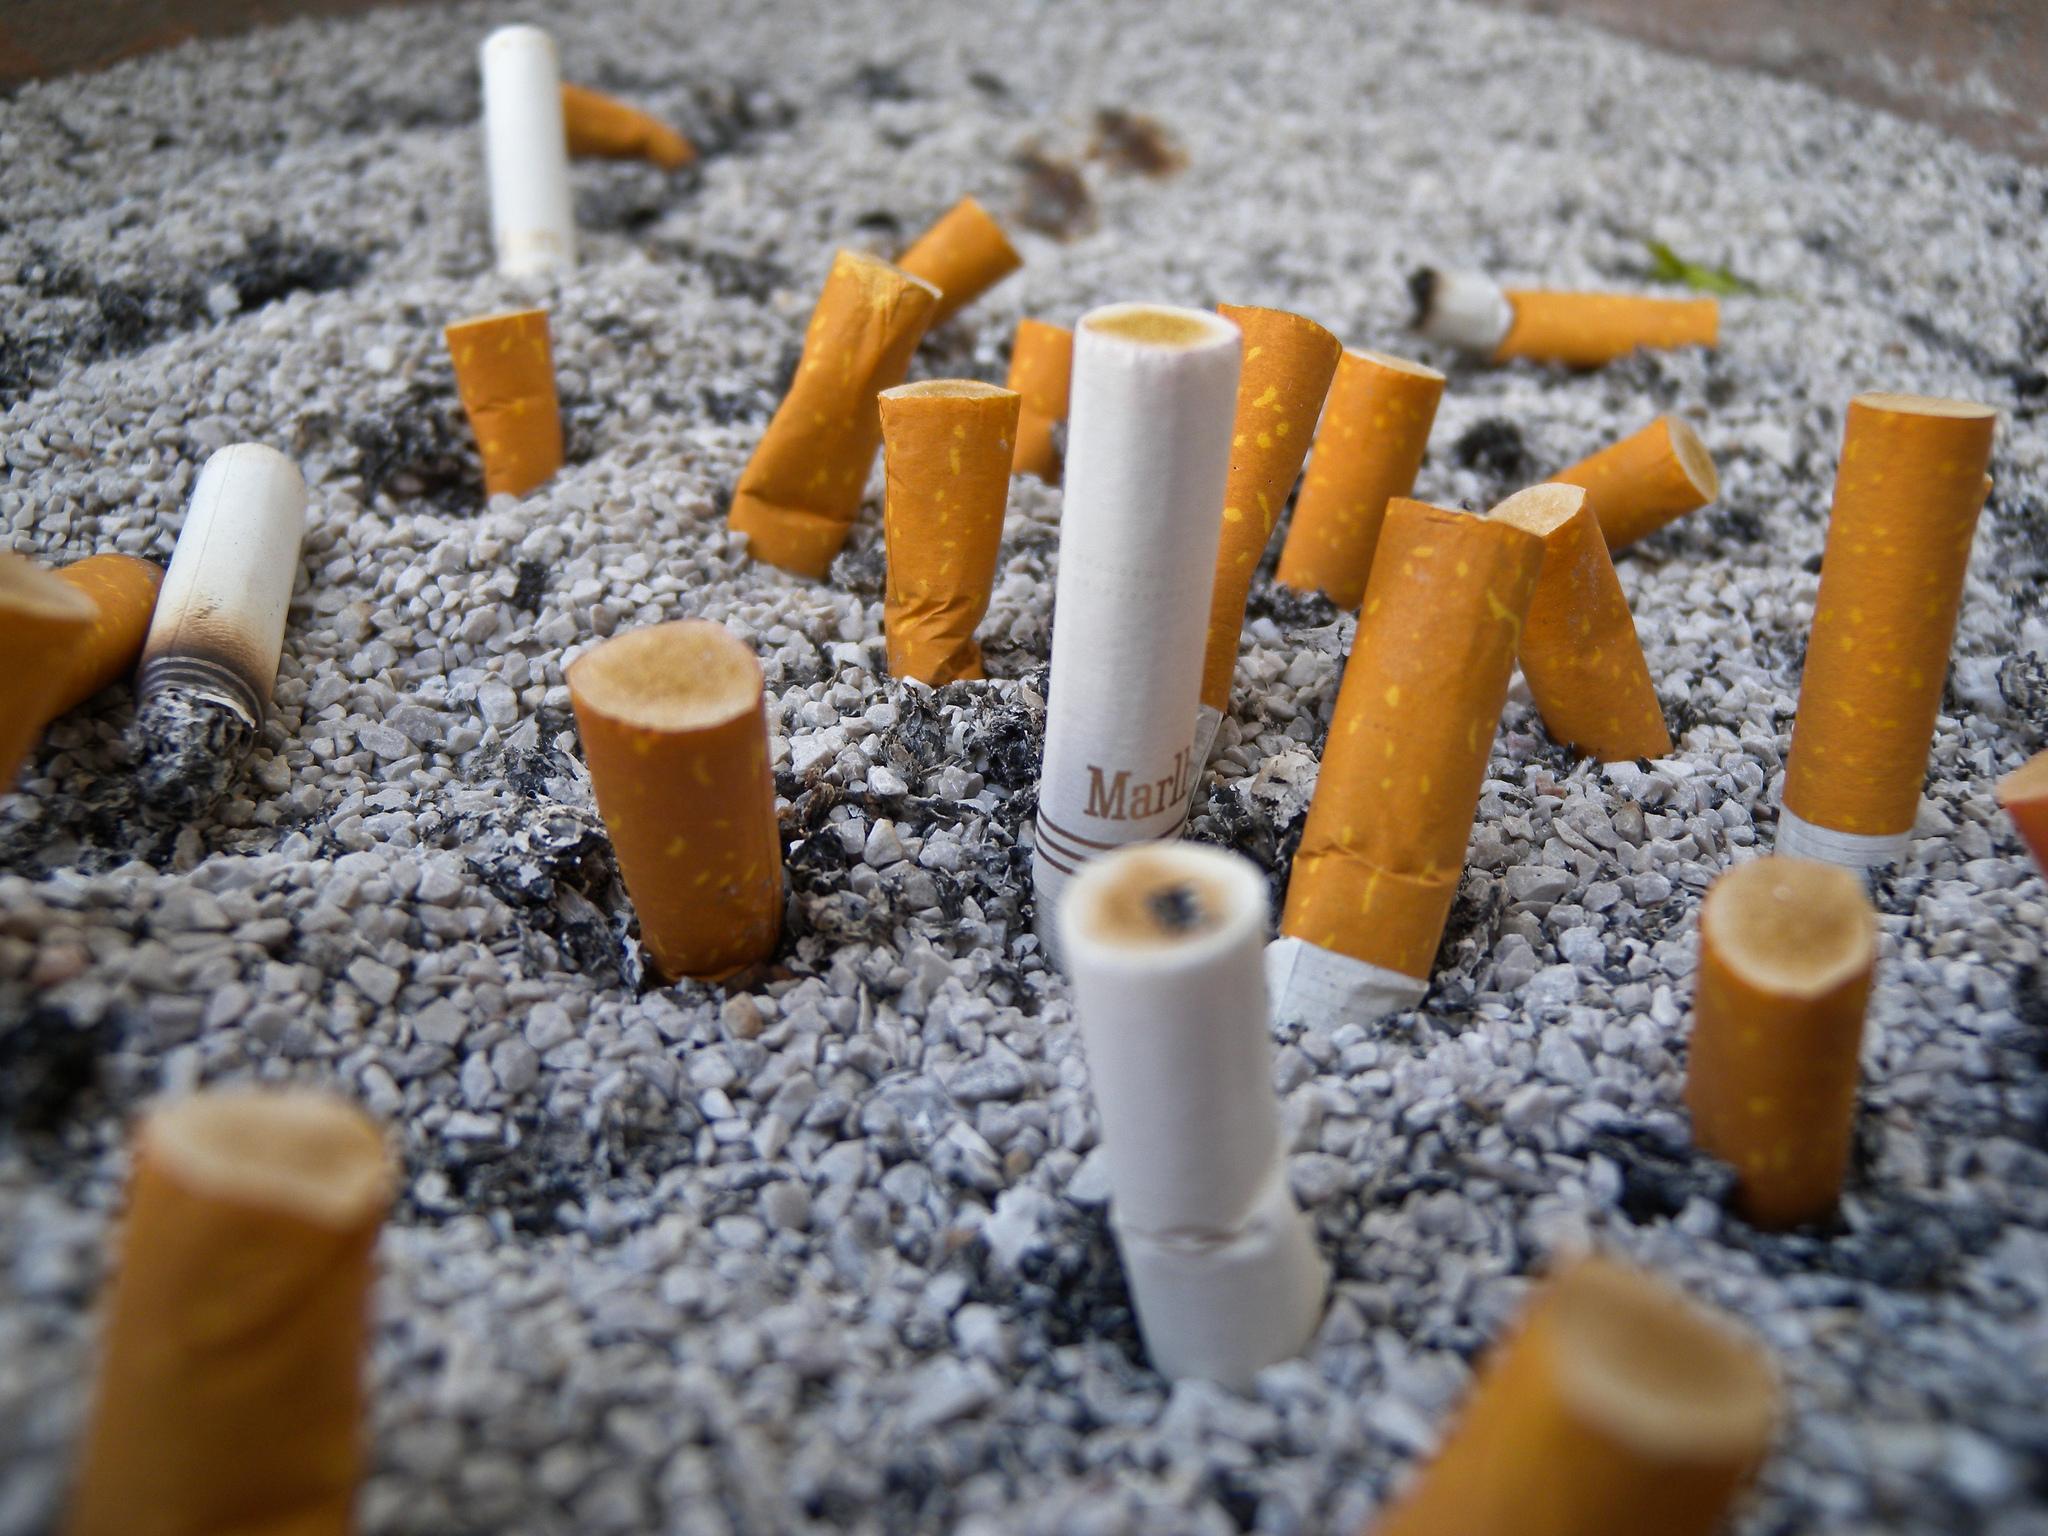 RJ aprova projeto de lei que obriga reciclagem de bitucas de cigarro